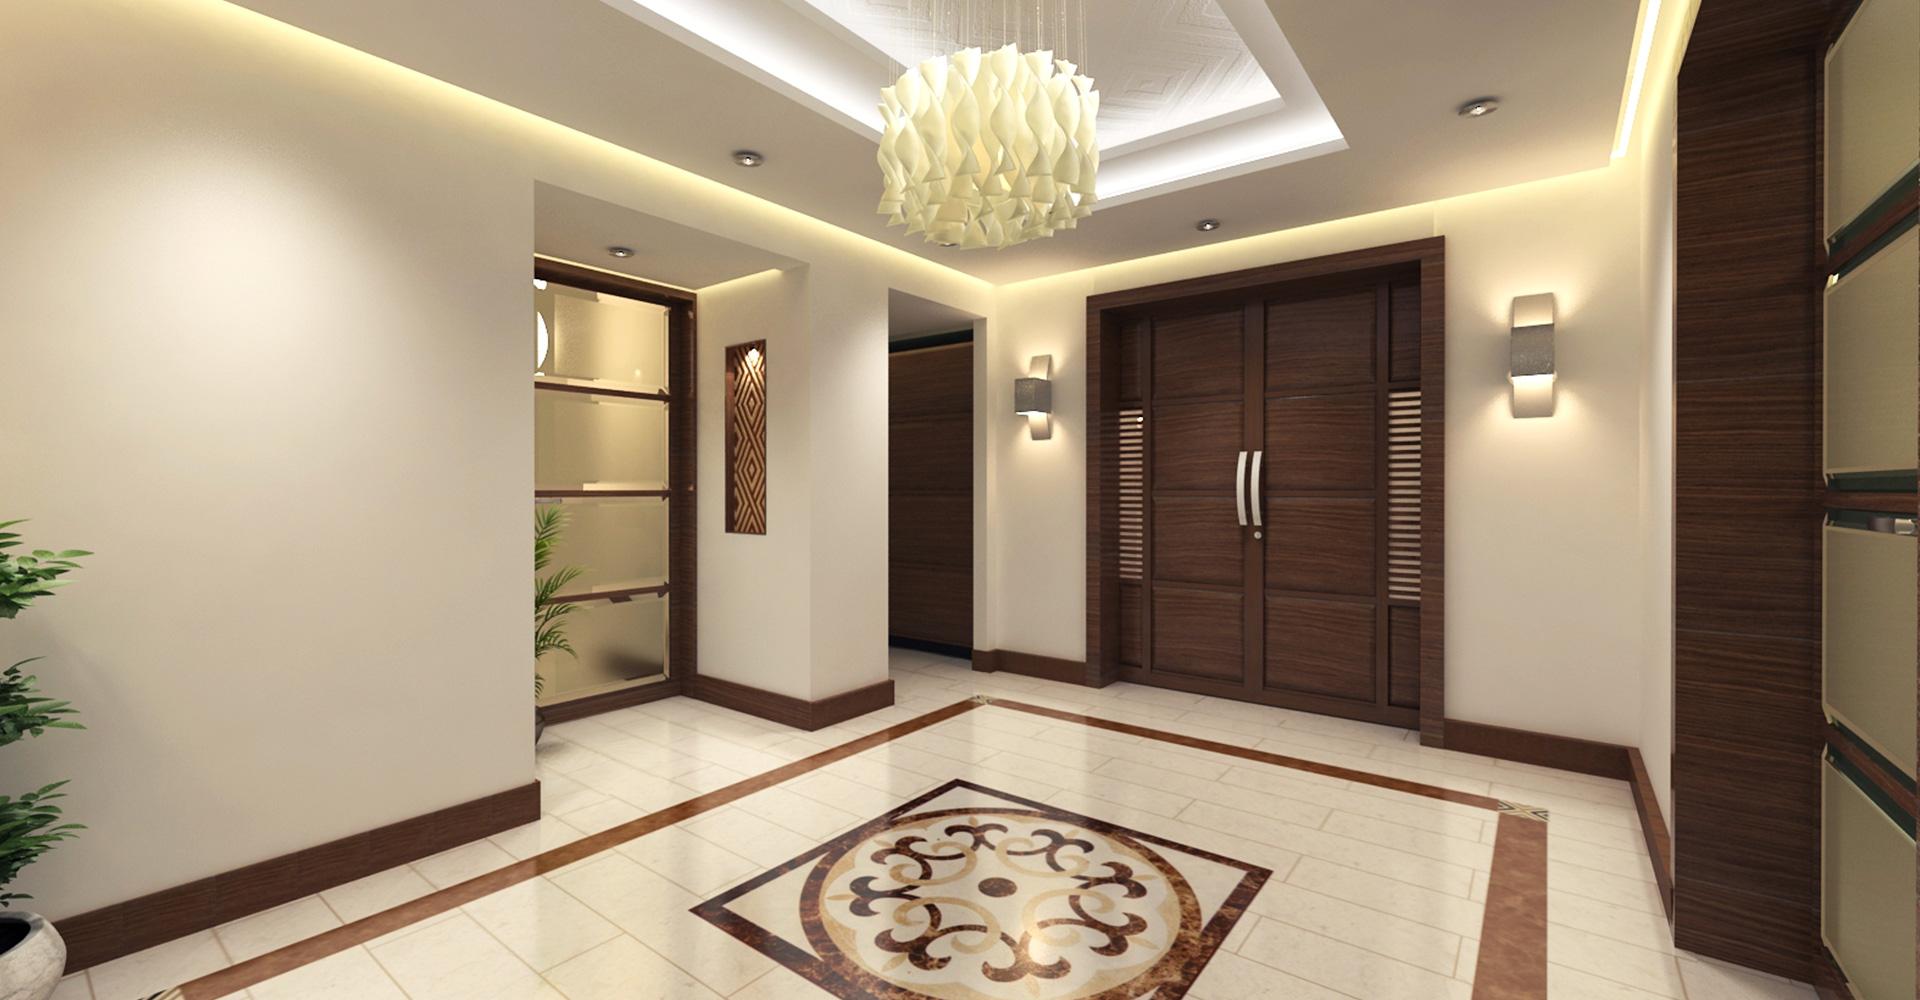 Residential-Interior-Design-Hiline-Lahore-portfolio-65J-DHA-EME-05 (53)